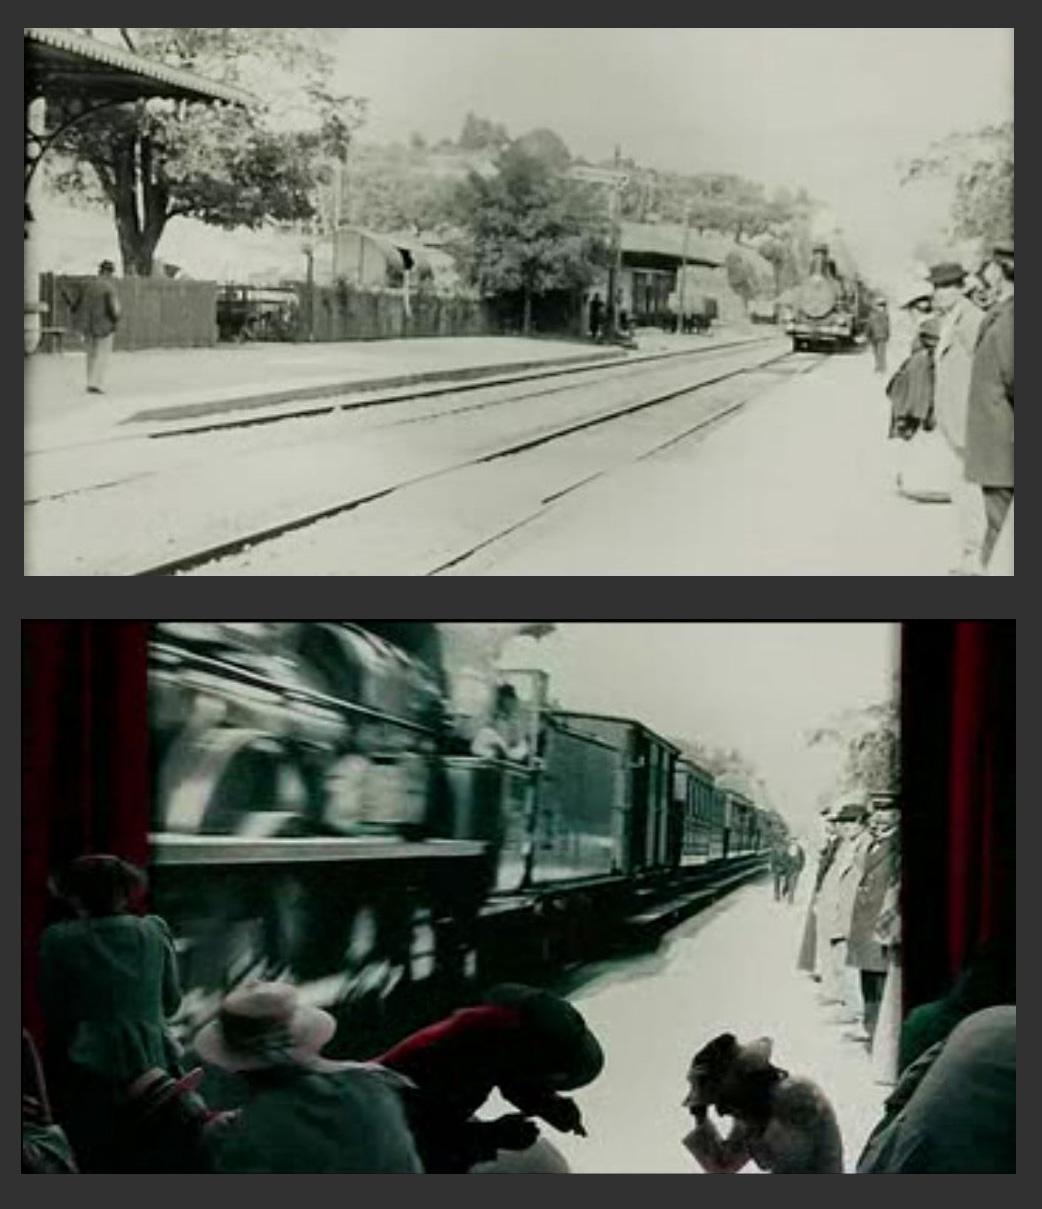 El Juego de los Fotogramas-cine2.jpg